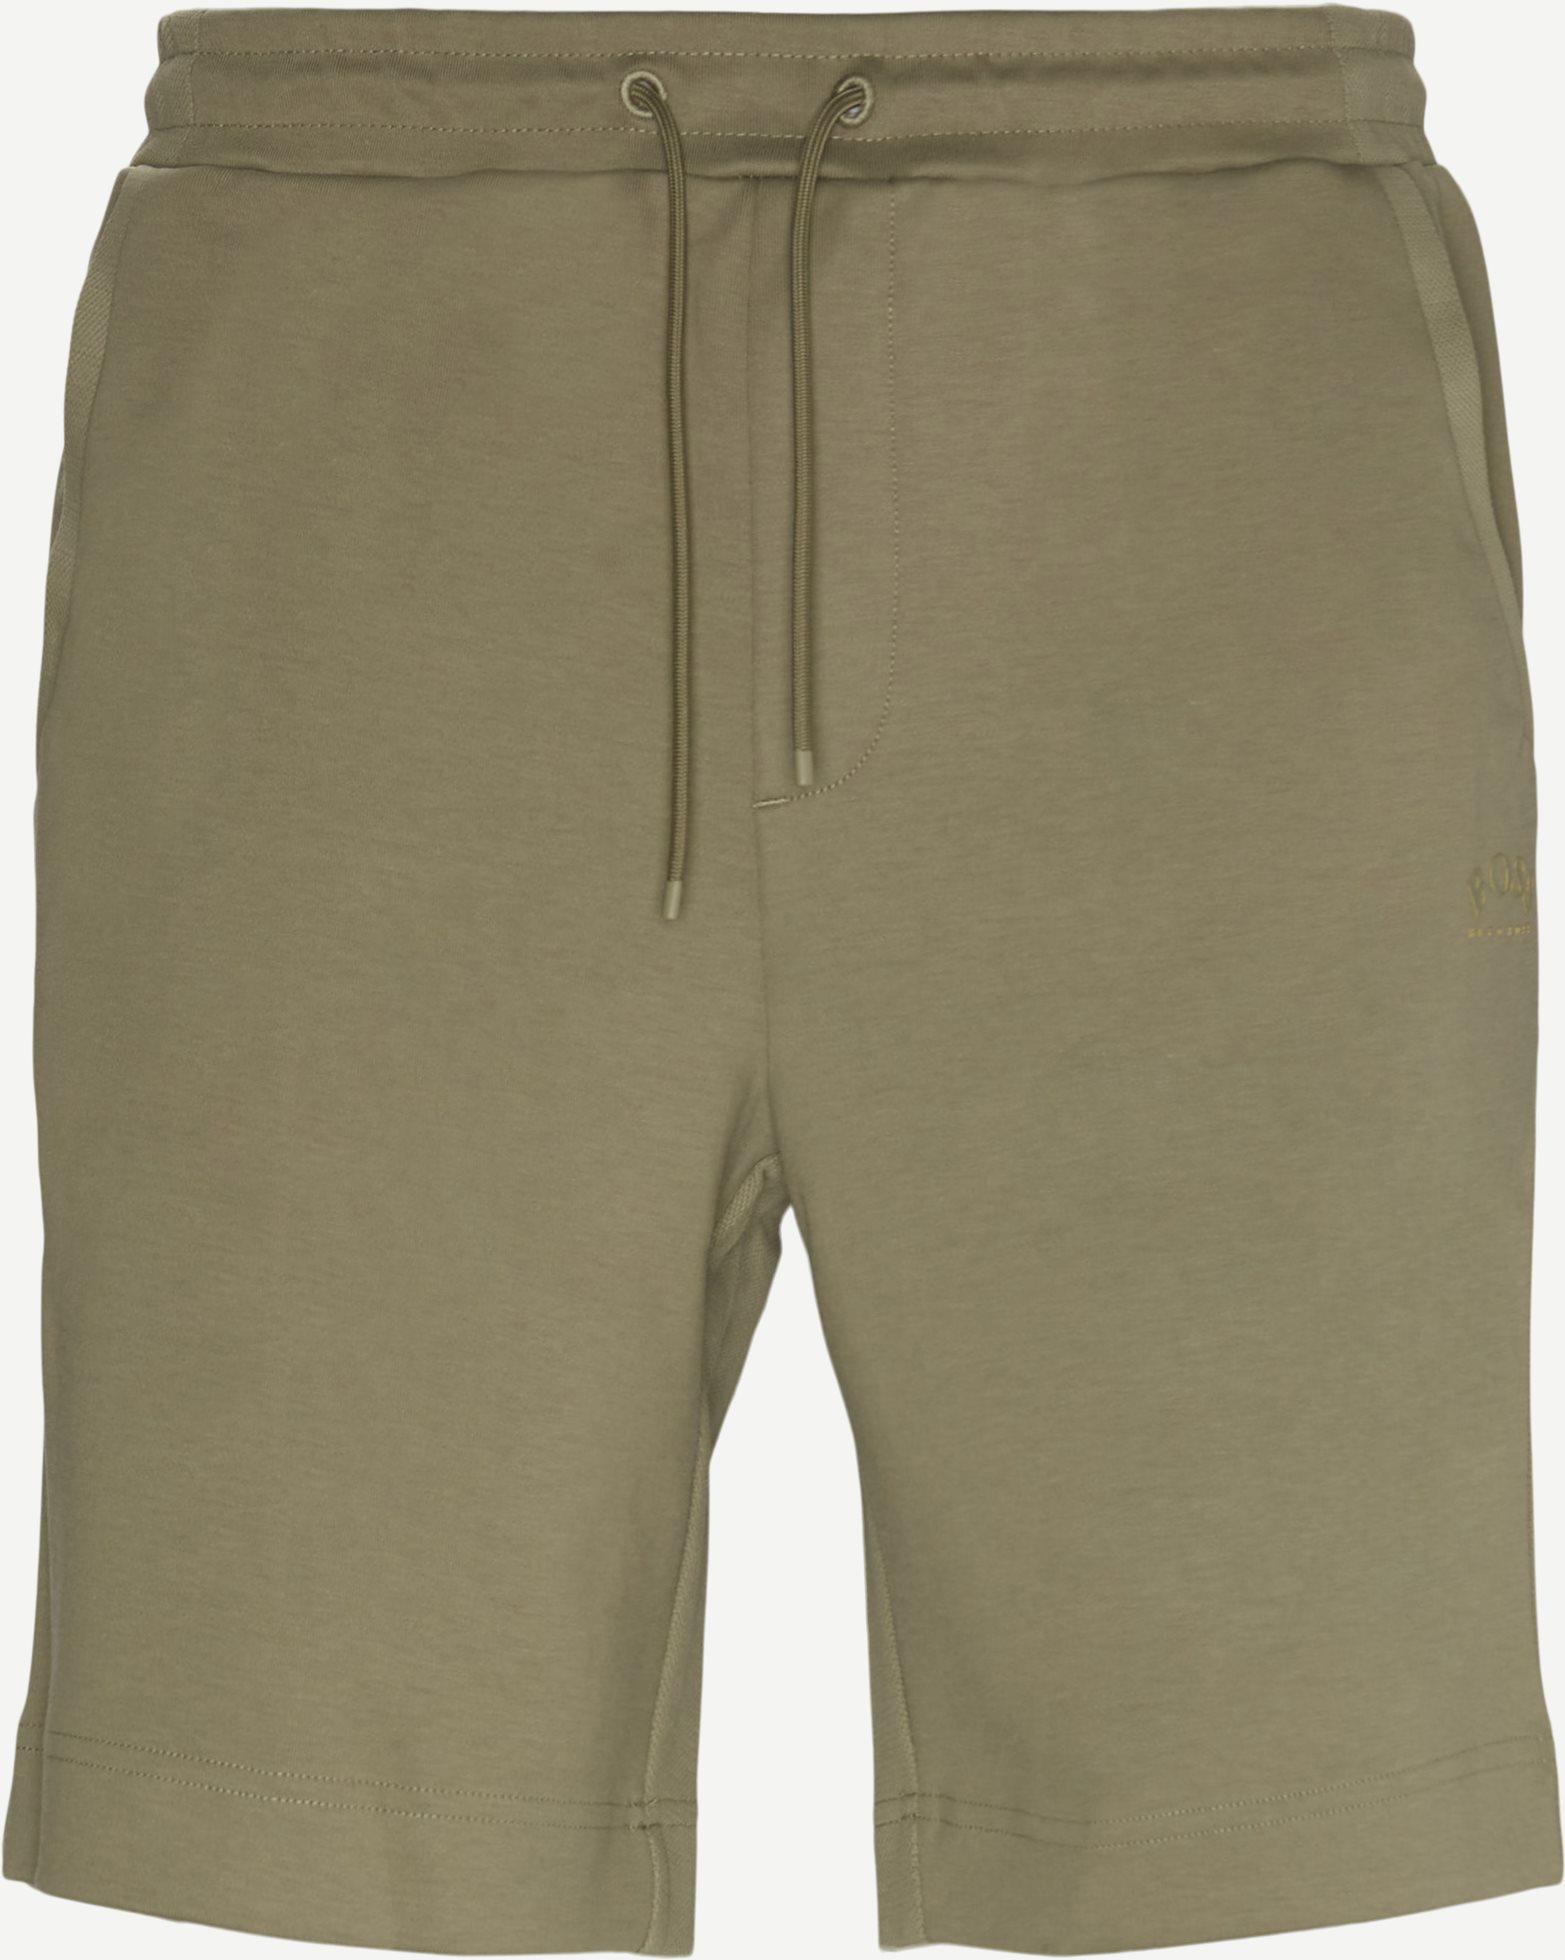 Shorts - Regular fit - Oliv